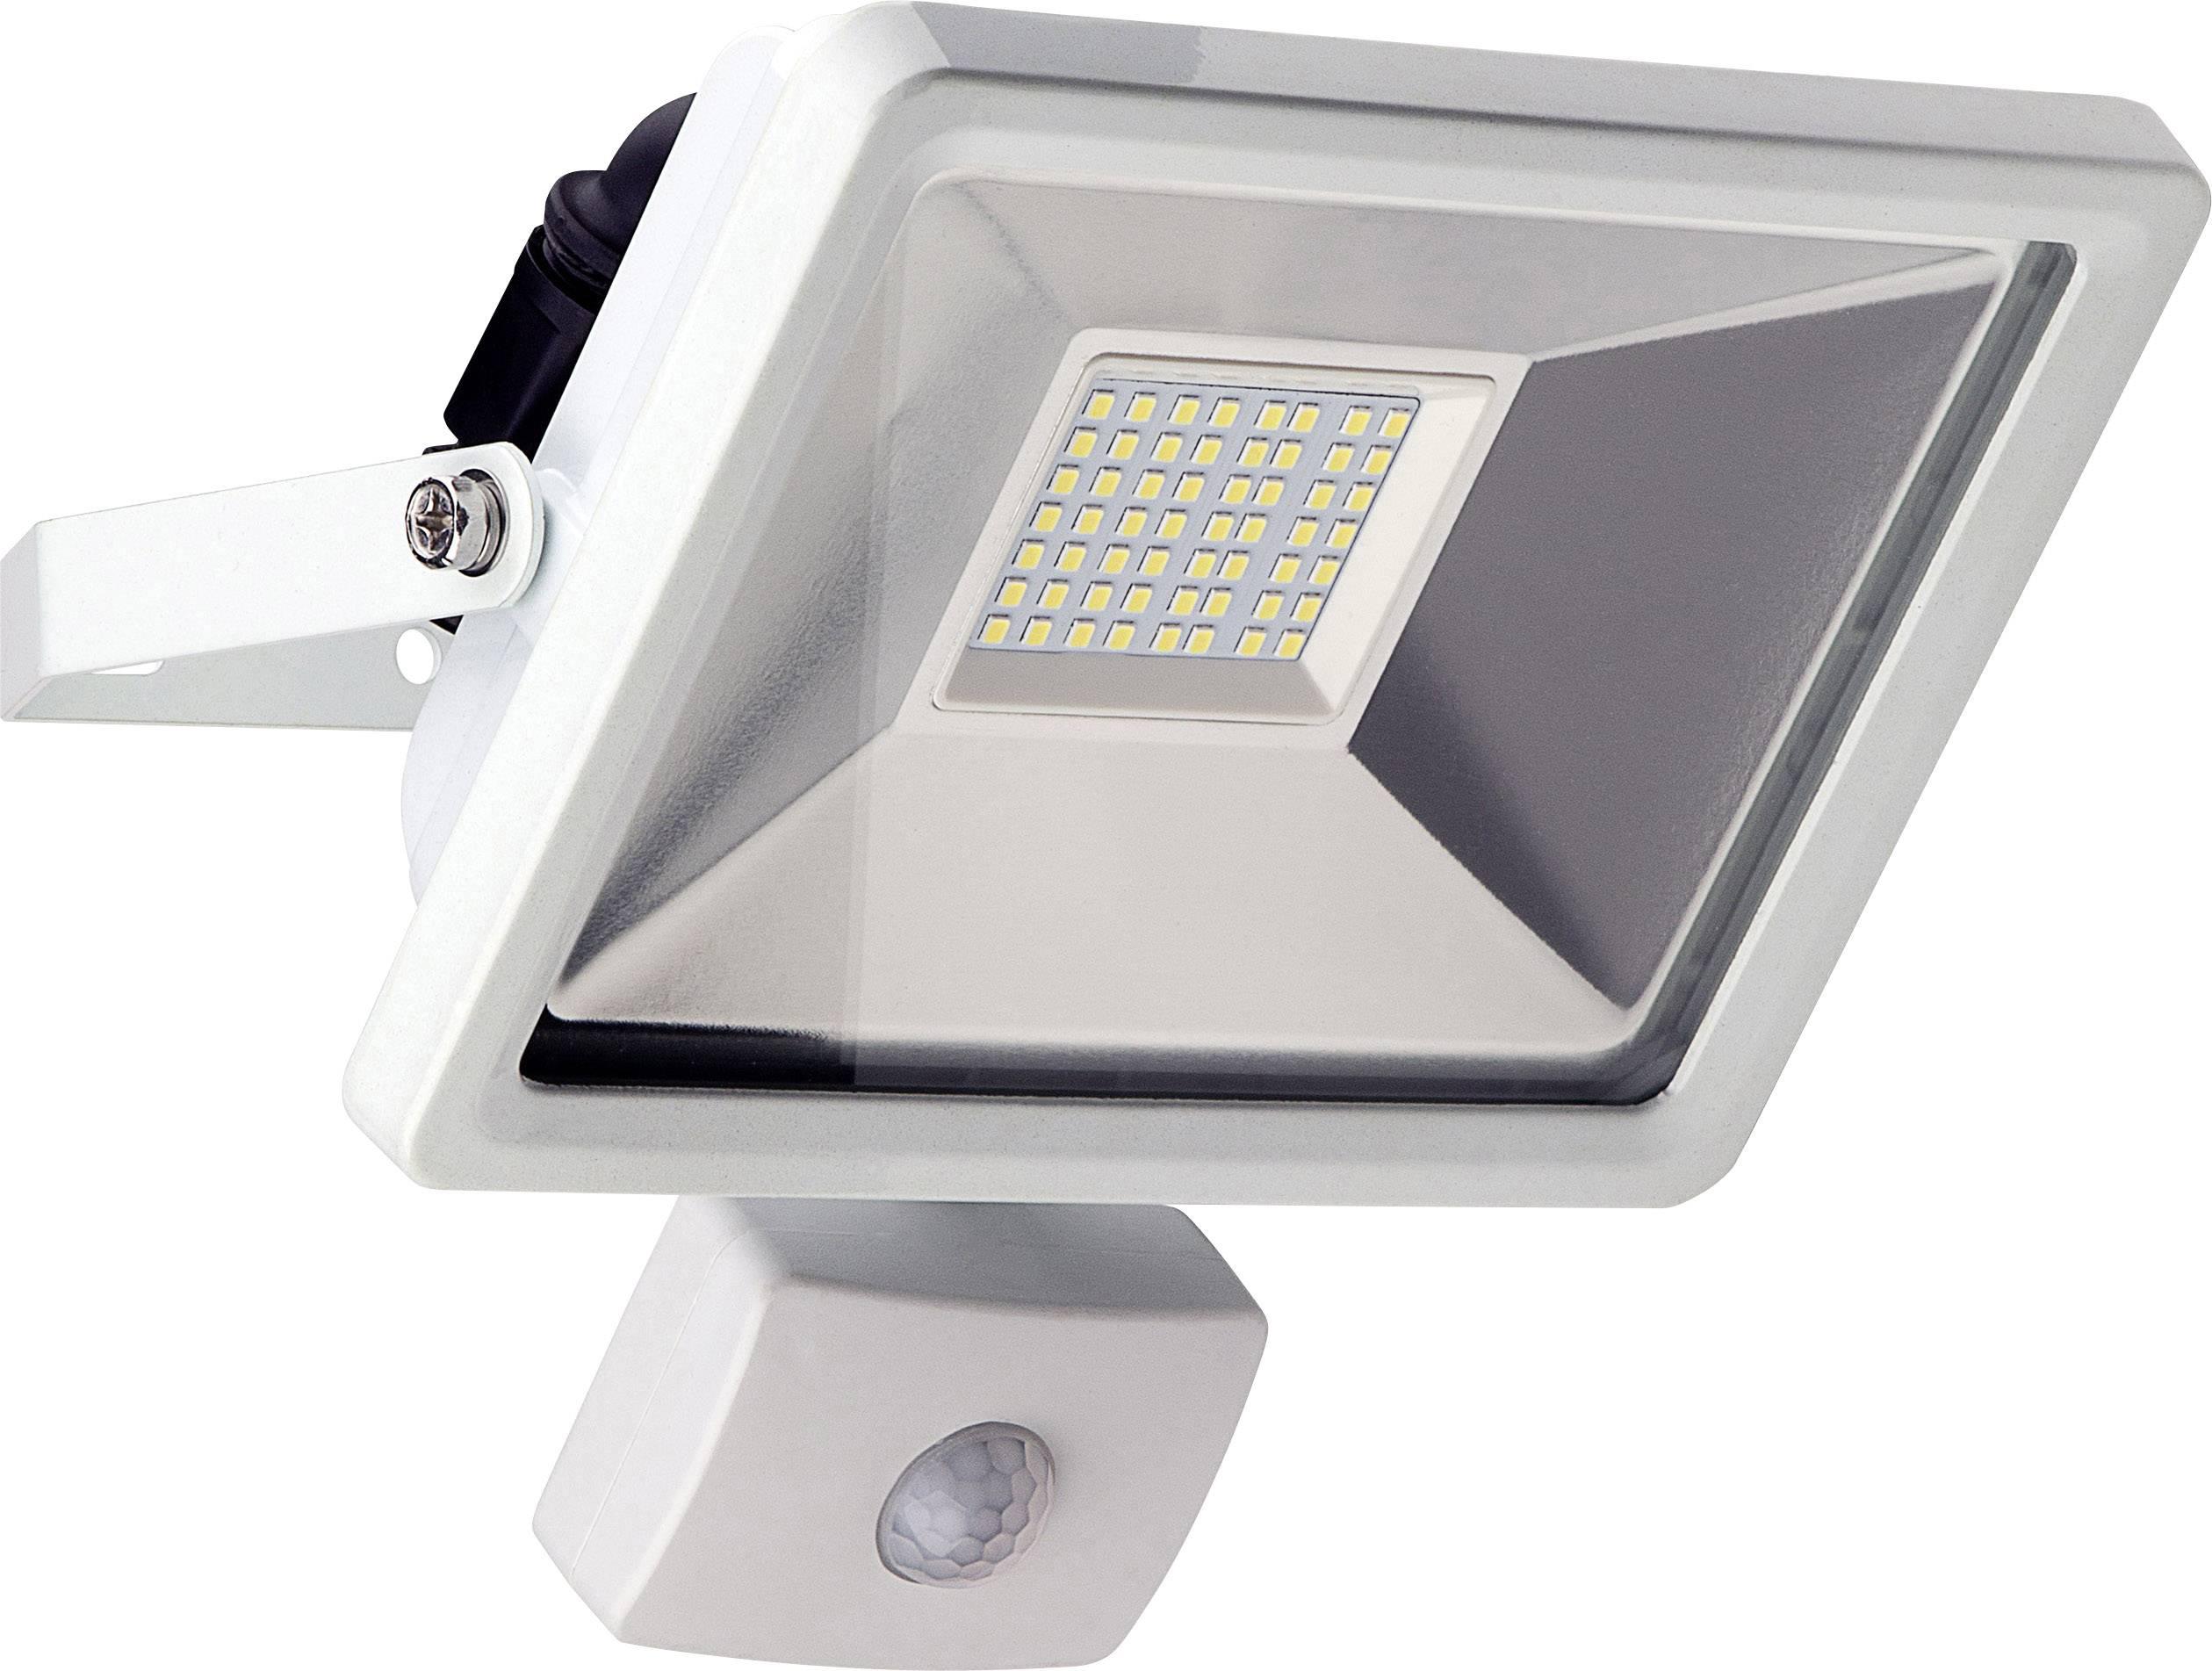 Plafoniere Per Esterno Con Sensore Di Movimento : Plafoniera per esterno con rilevatore di presenza lampada a